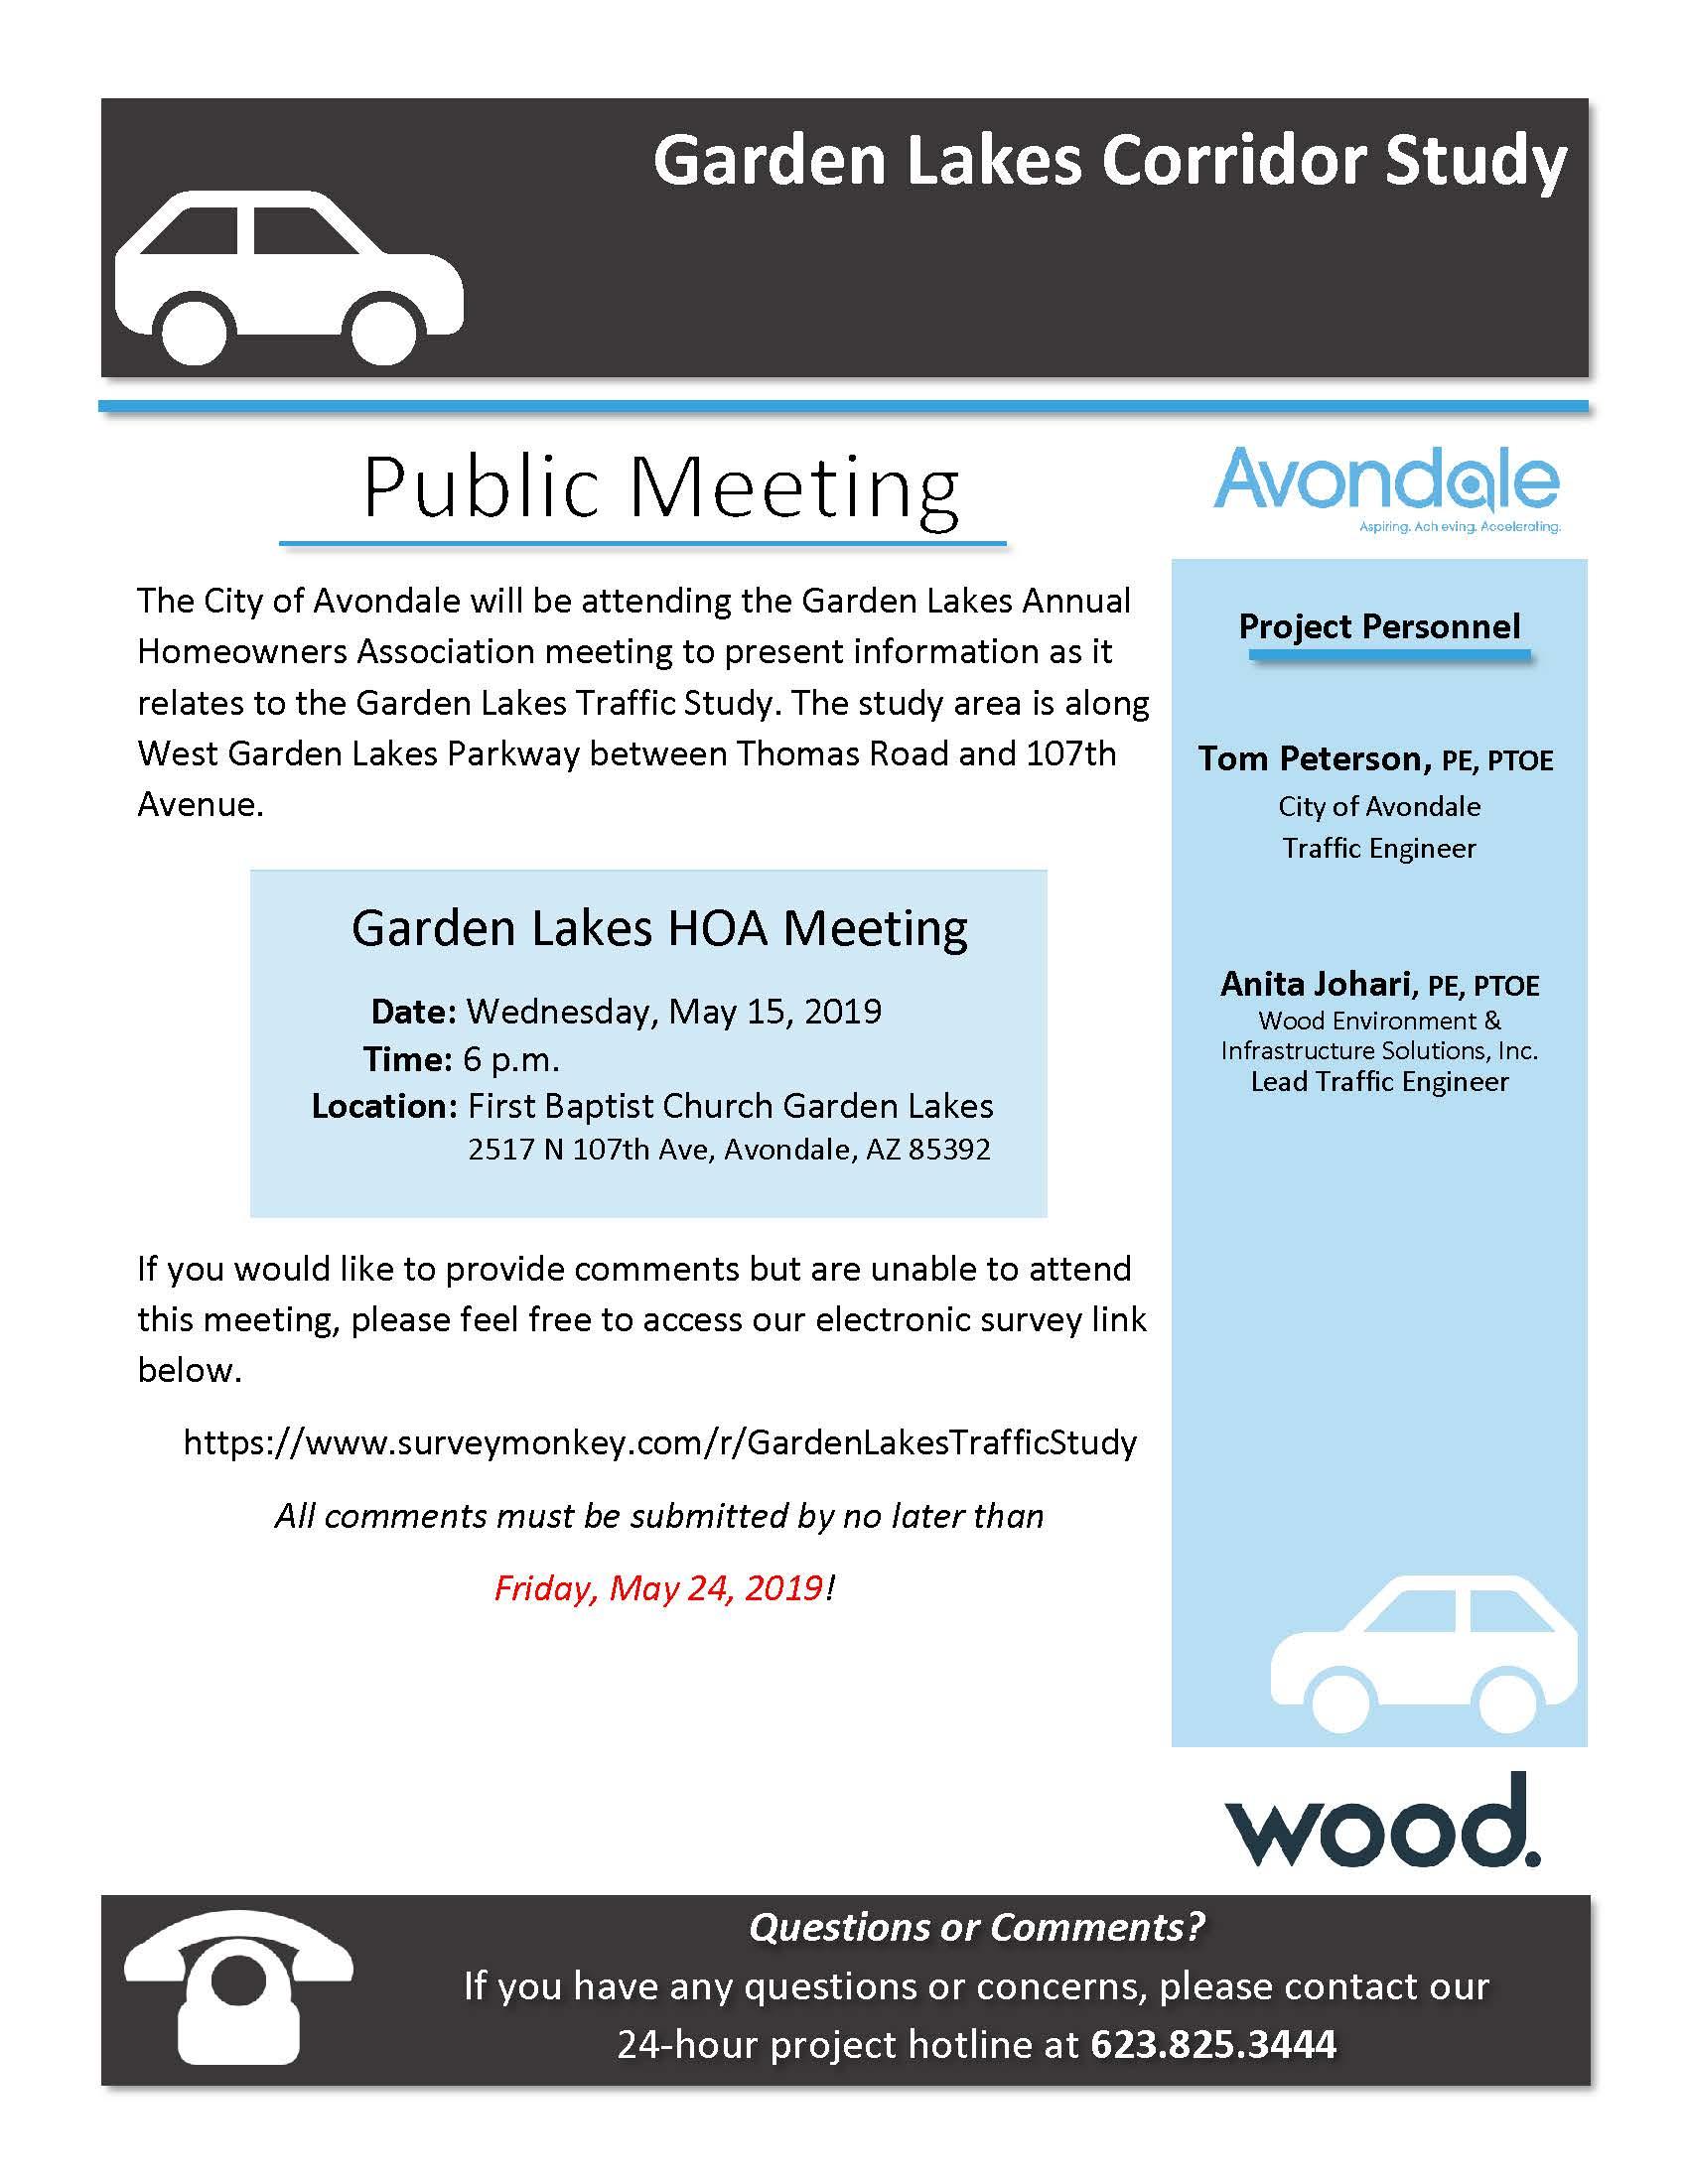 FINAL Meeting Invite - Garden Lakes Corridor Study